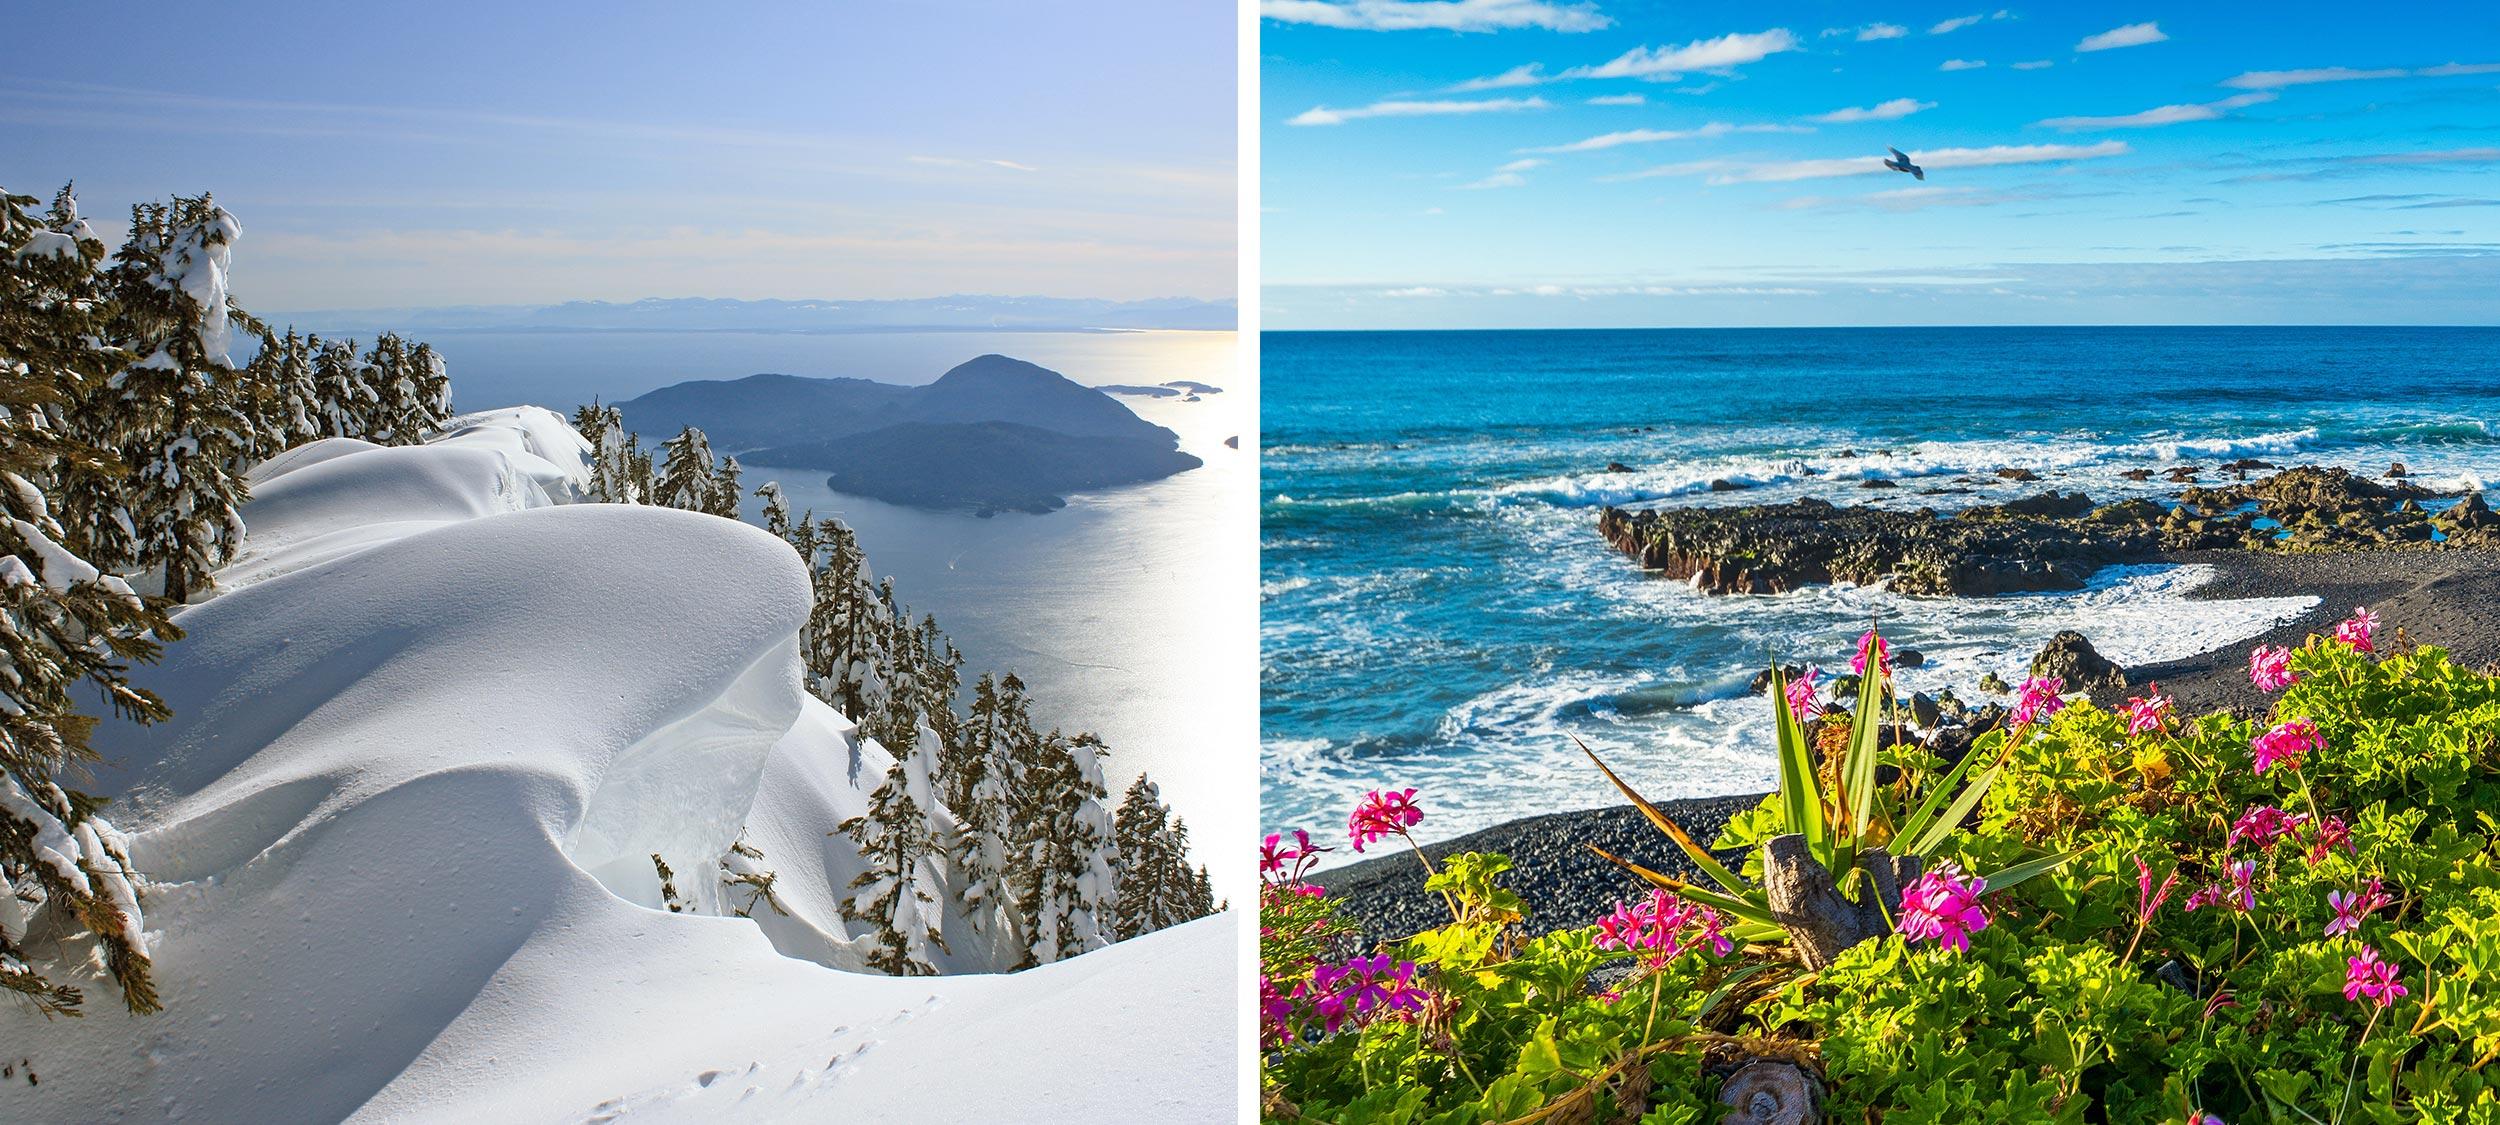 Schnee oder Meer – was wählt ihr?